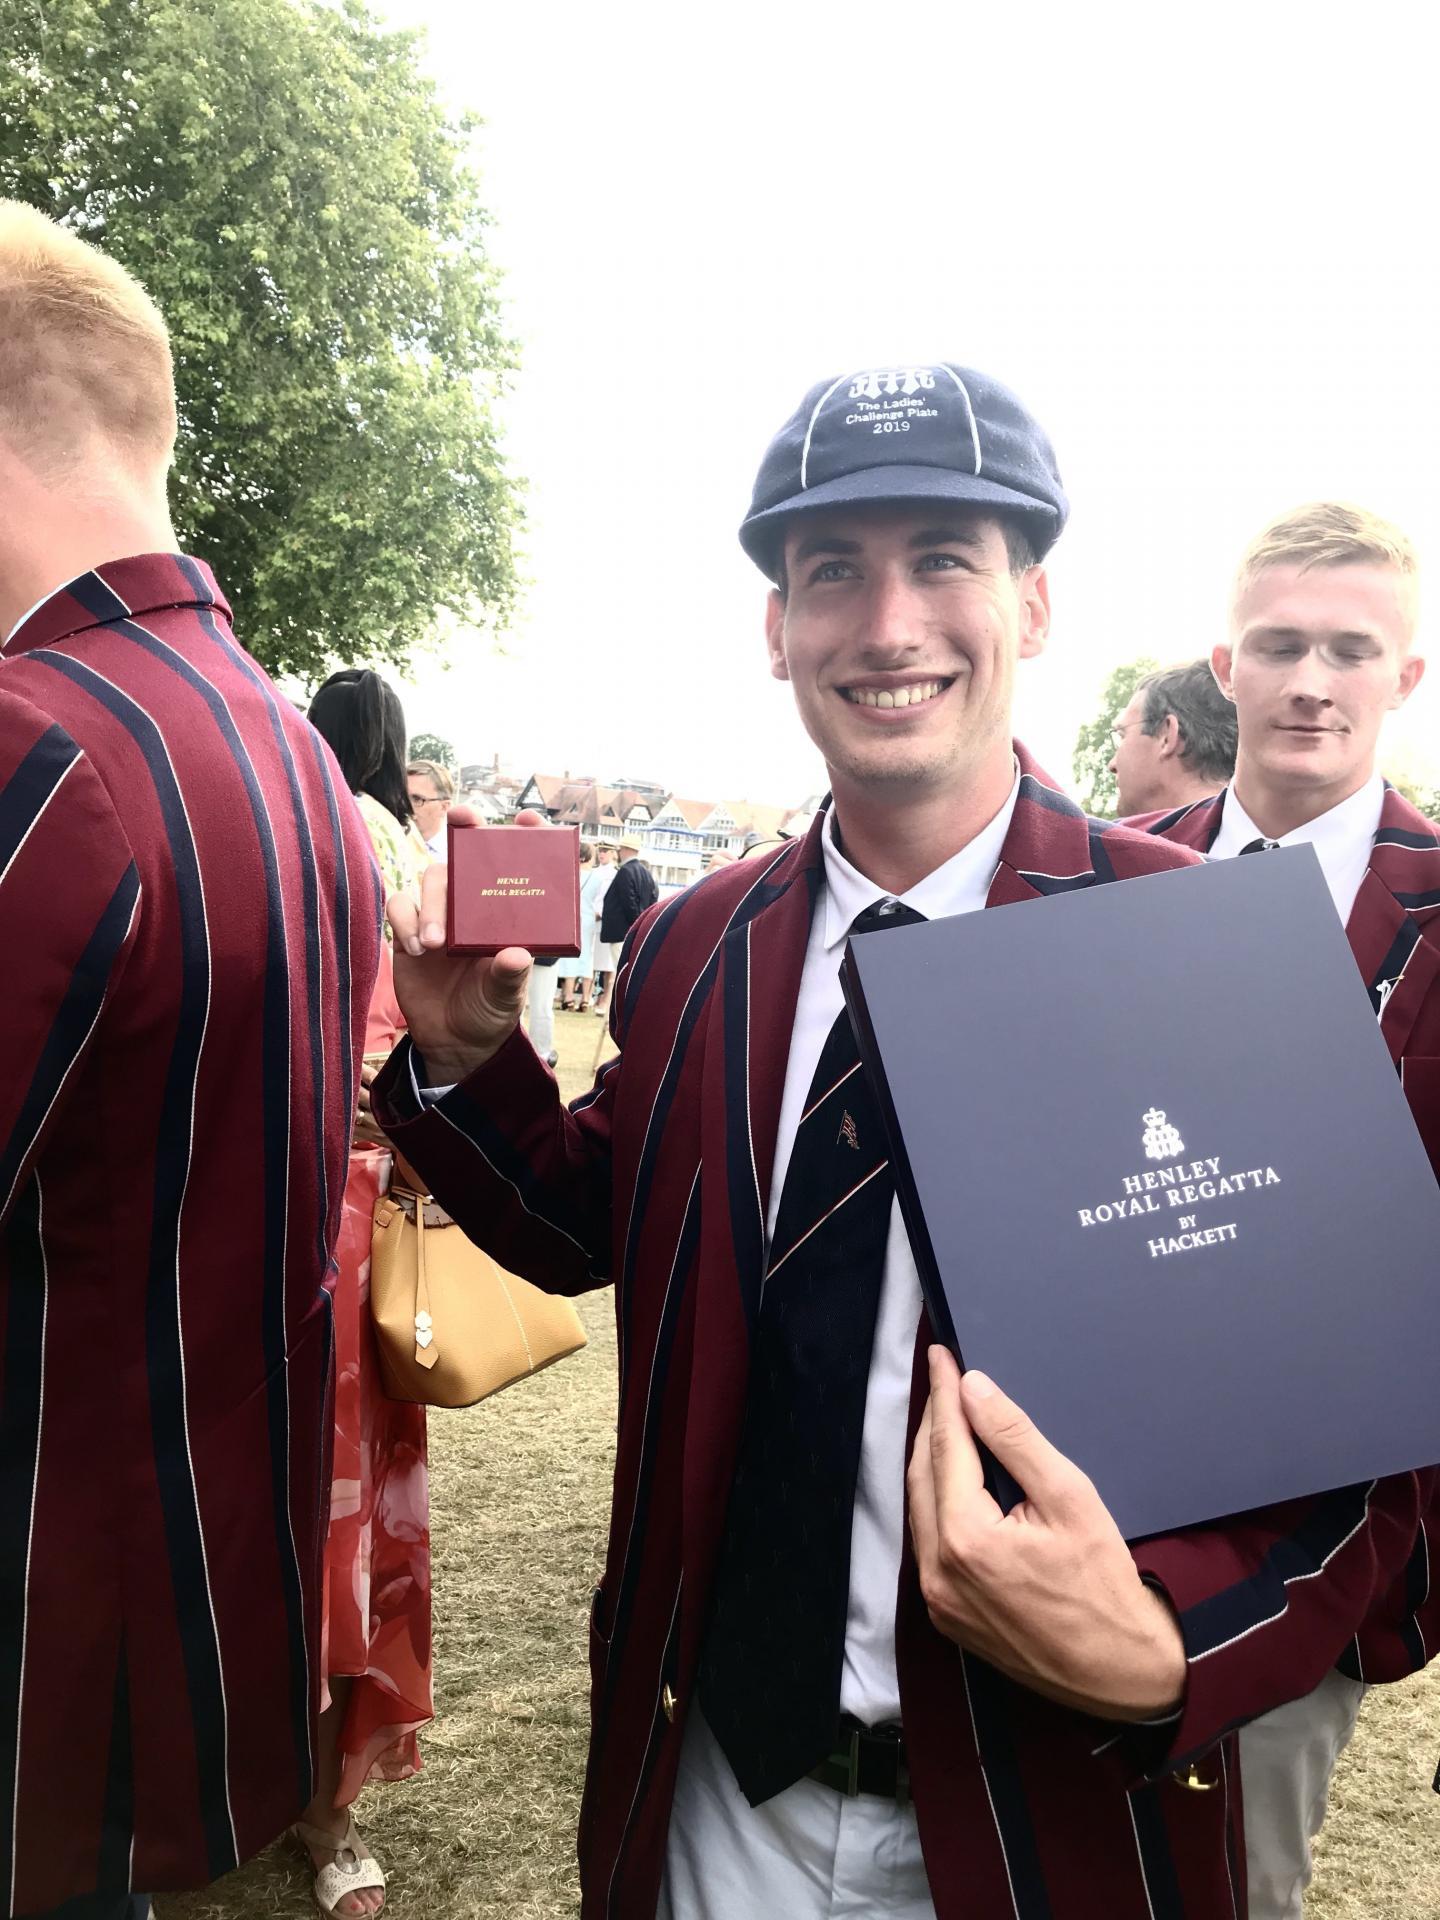 Quentin Antognelli avec l'uniforme des membres des Oxford Brookes, dans la plus pure tradition de l'aviron britannique.